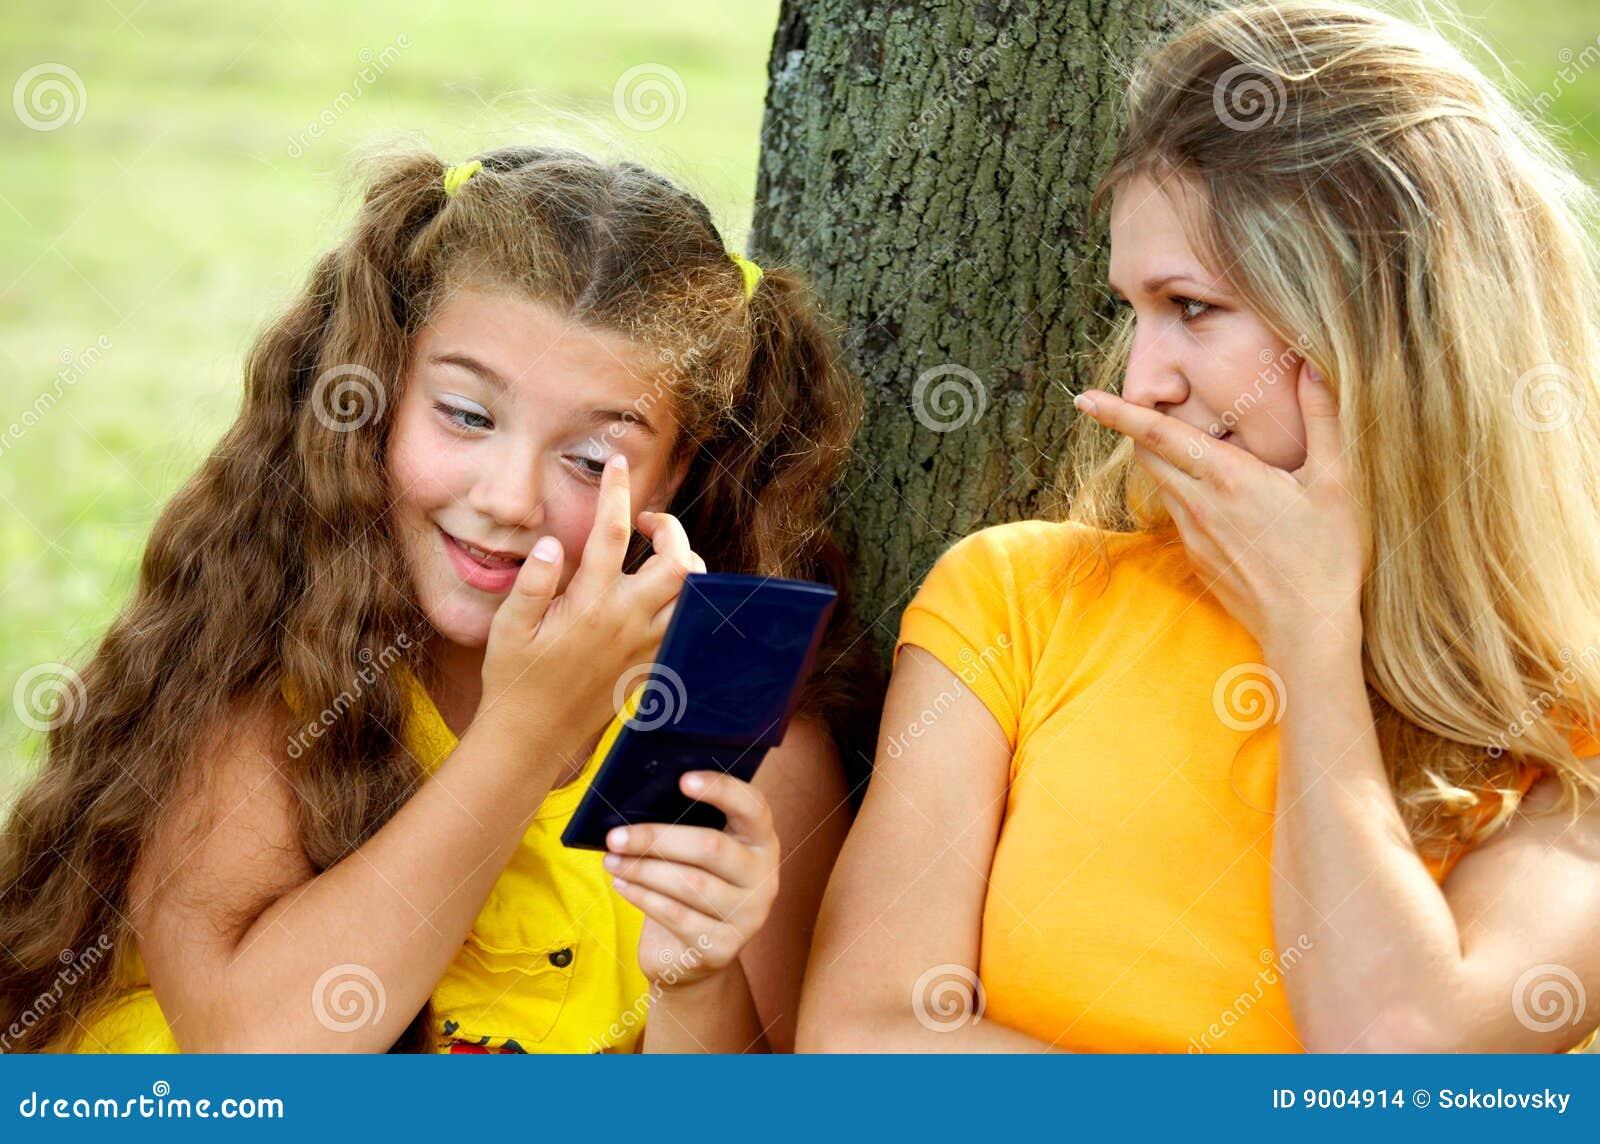 Читать на даче с дочкой, У подруги на даче » Эротические порно рассказы и секс 26 фотография